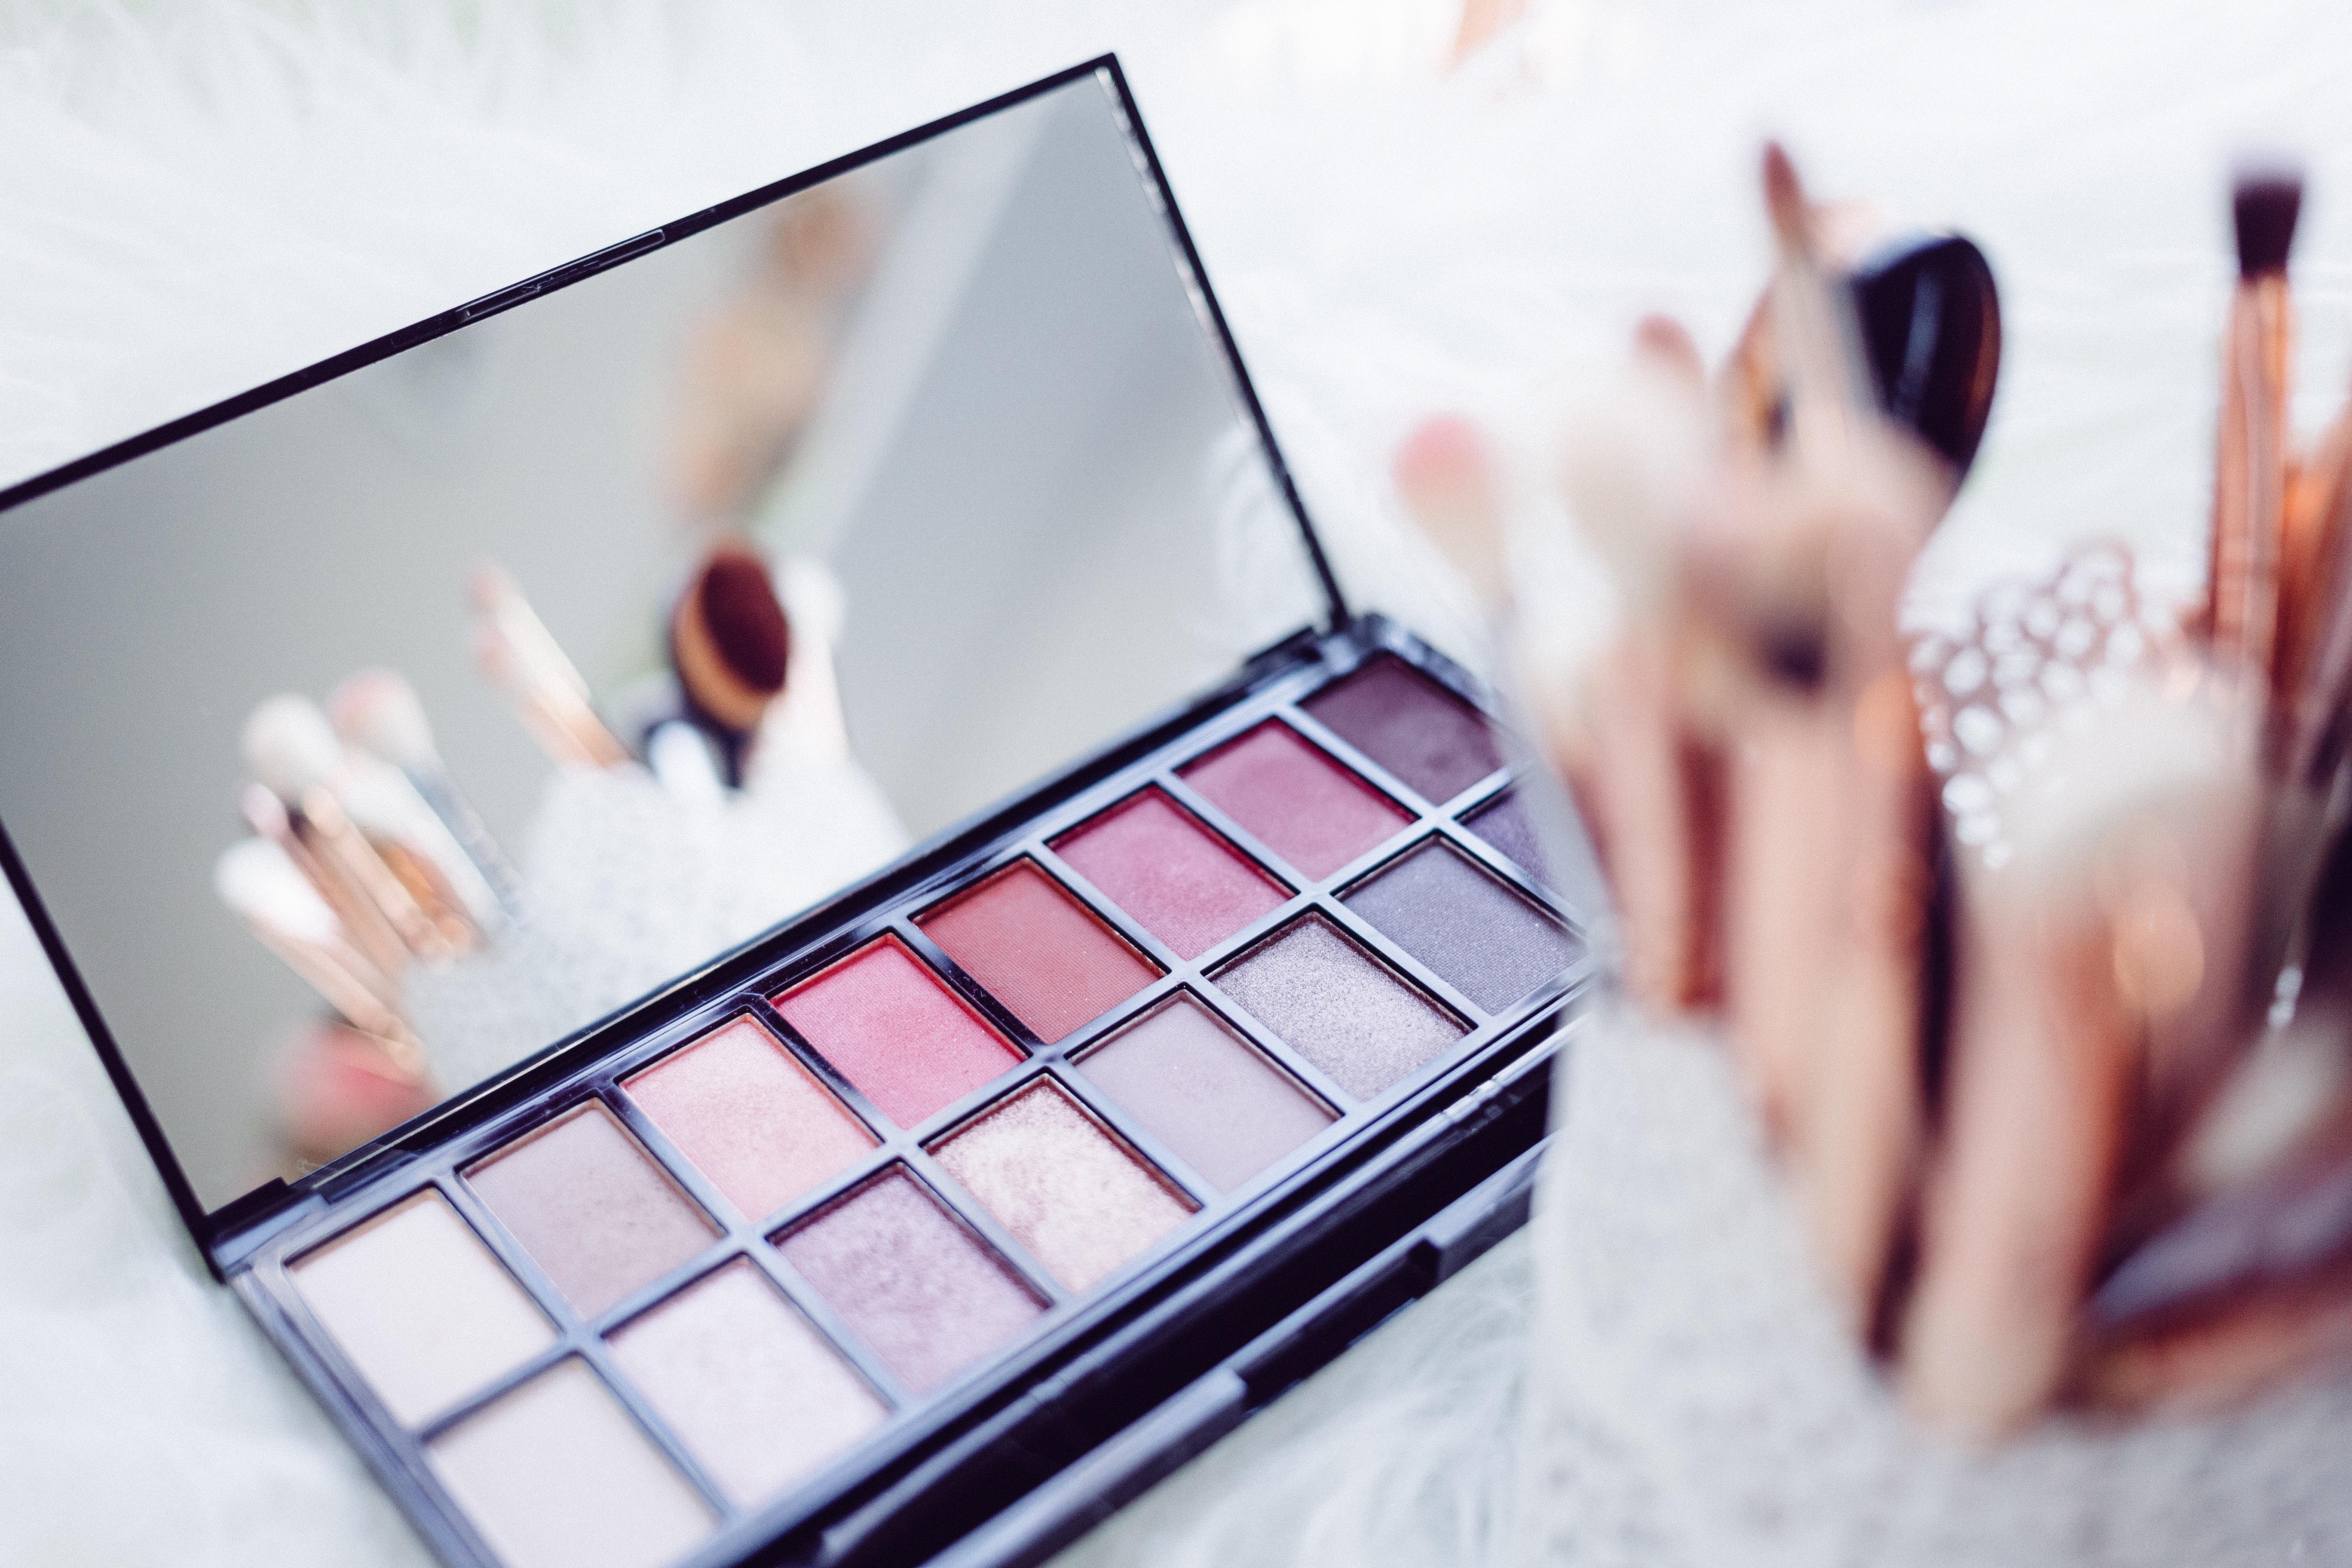 Auf dekorative Kosmetik wollen die wenigsten von uns verzichten, doch auch hier gibt es Alternativen. - Photocredit: freestocks.org/Unsplash